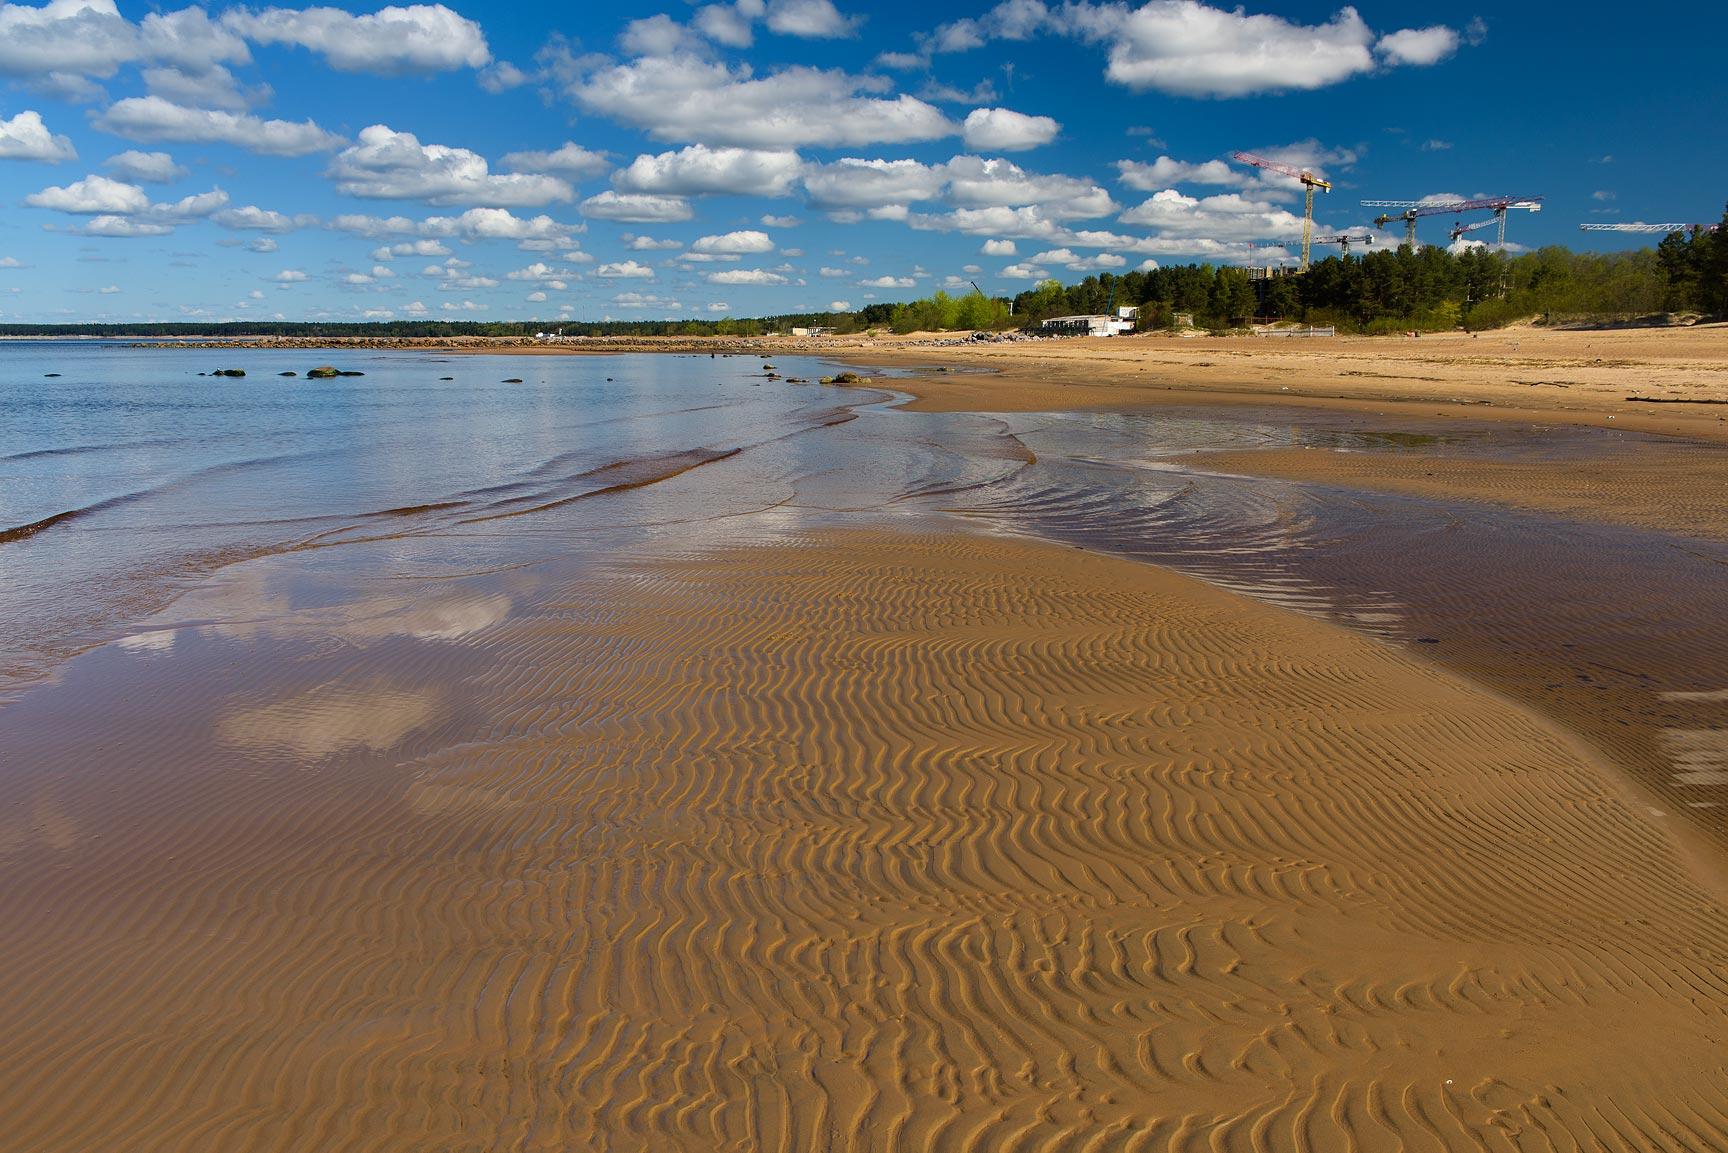 photo 182808 sand ripples east of solnechnoe near st